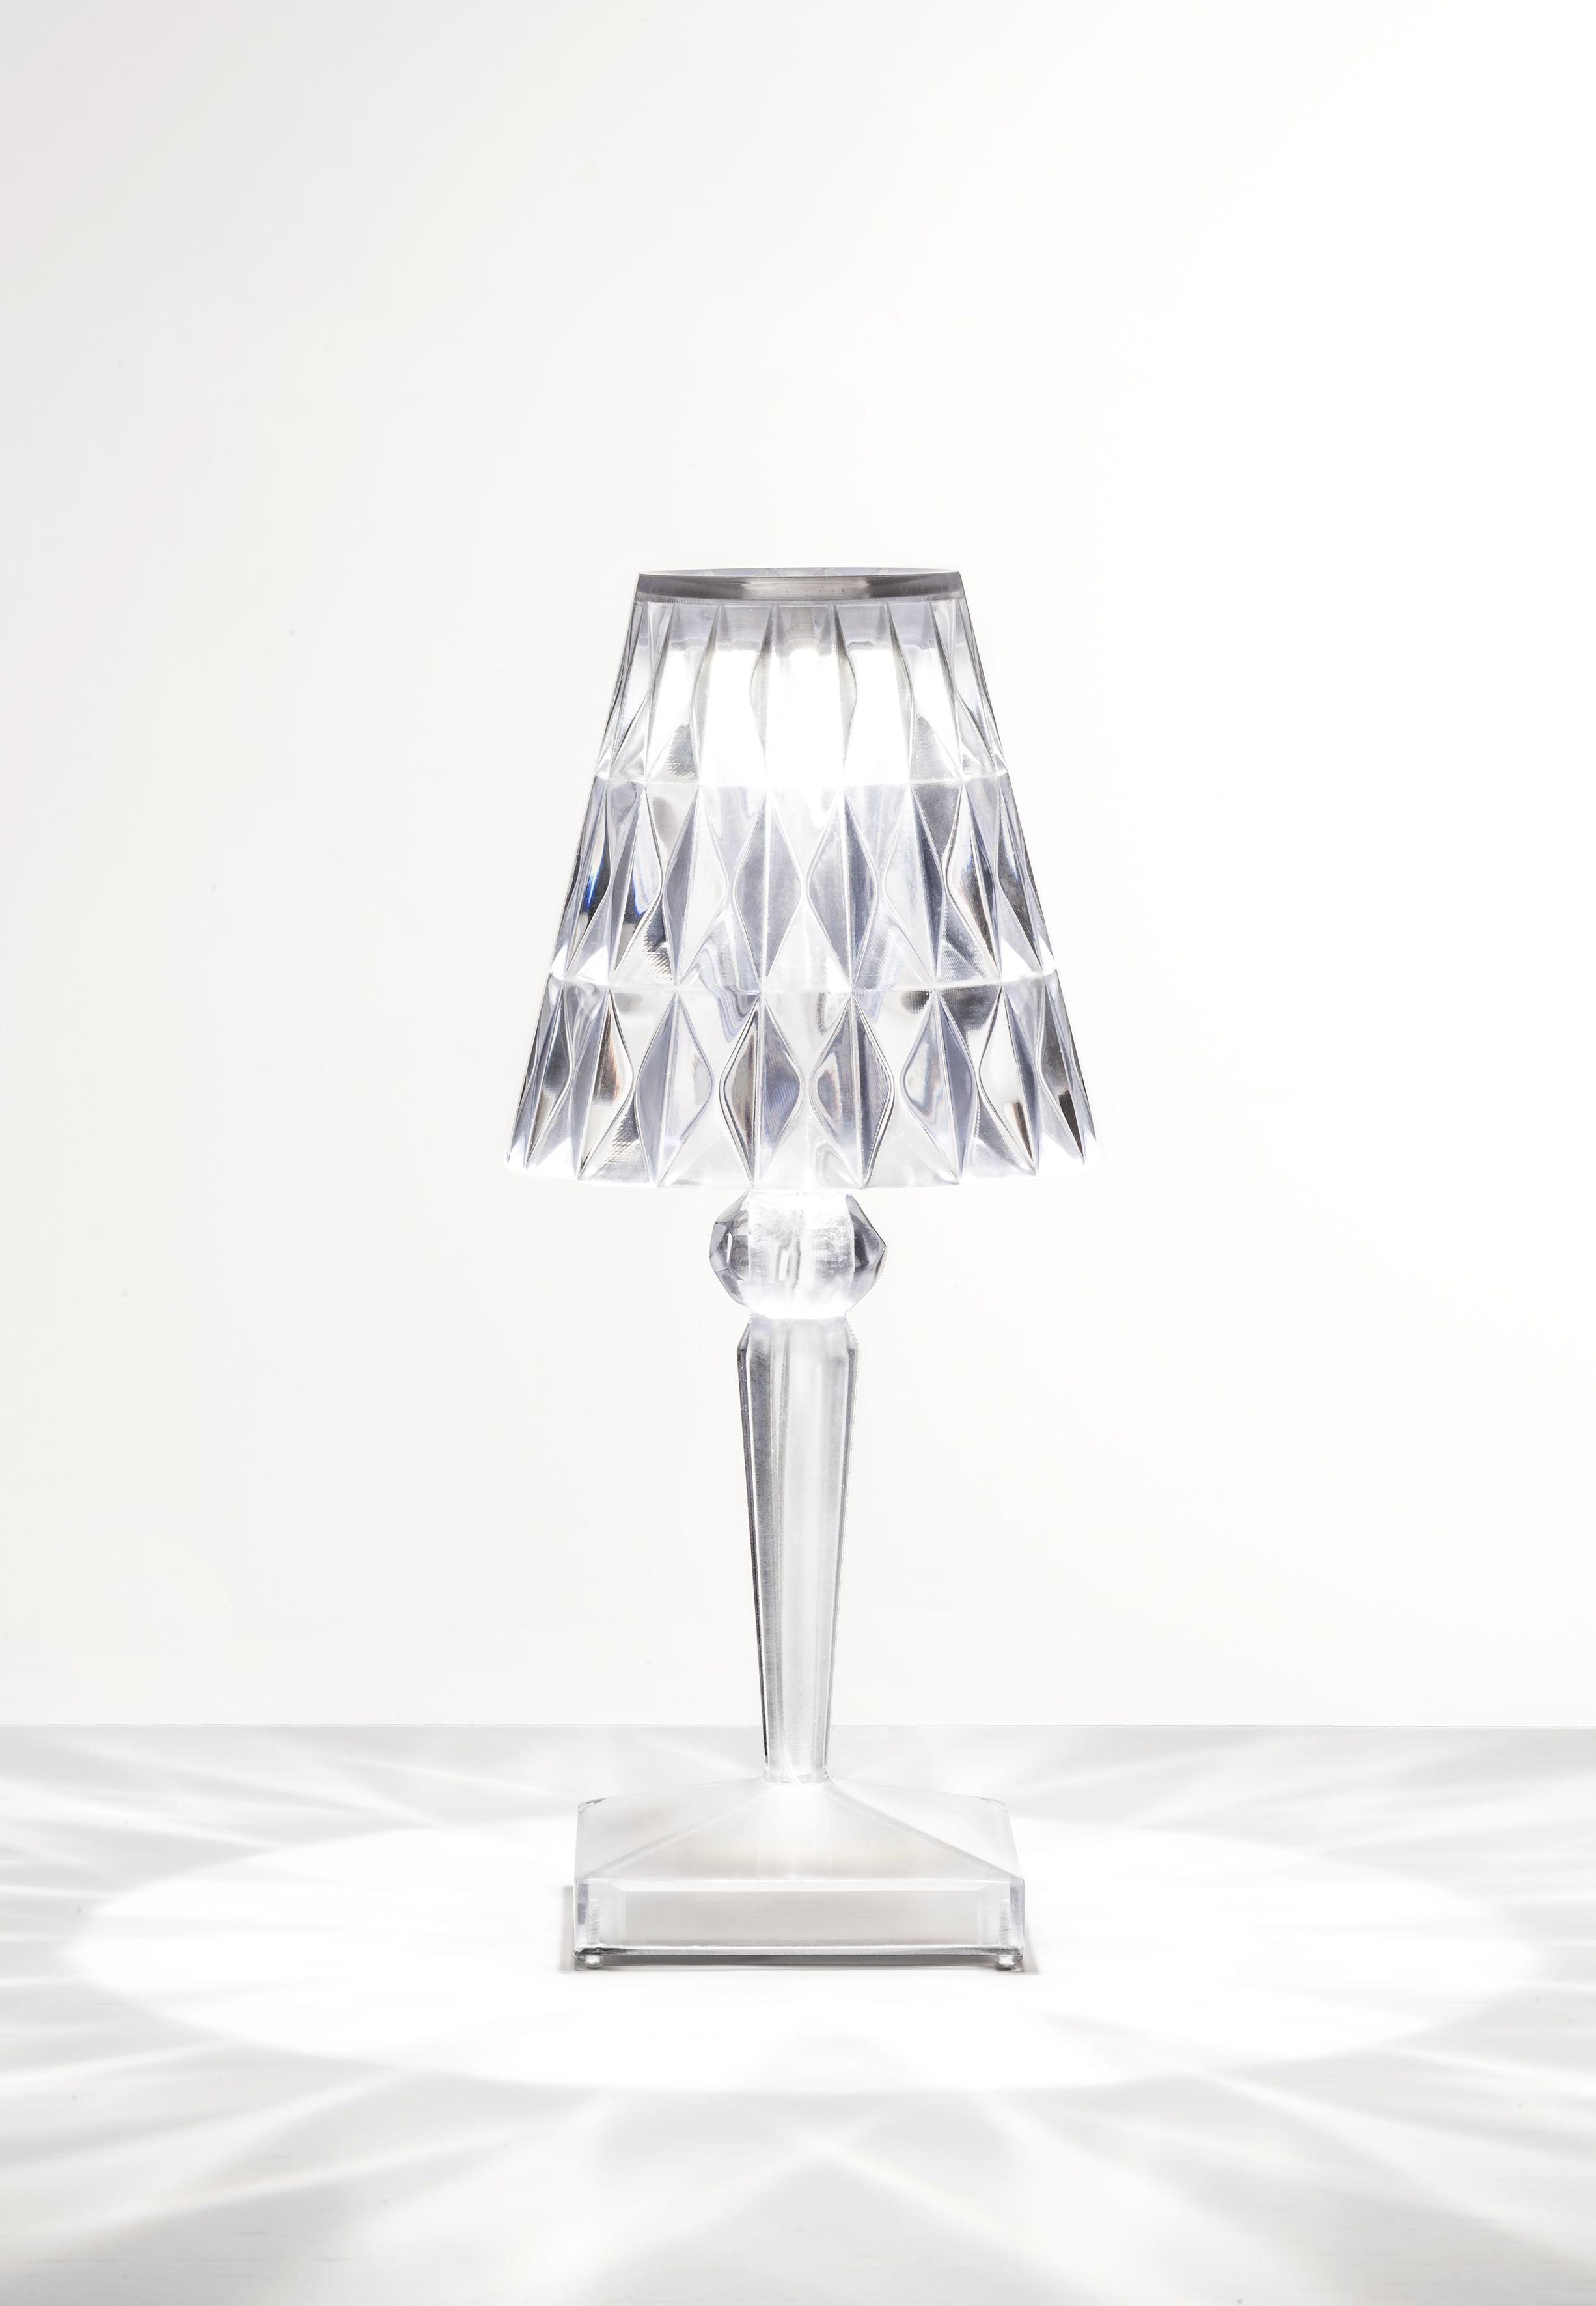 42a81f379660574051ab9c2ffe3a72a6 Résultat Supérieur 60 Luxe Lampe De Table Sans Fil Photos 2018 Kdh6